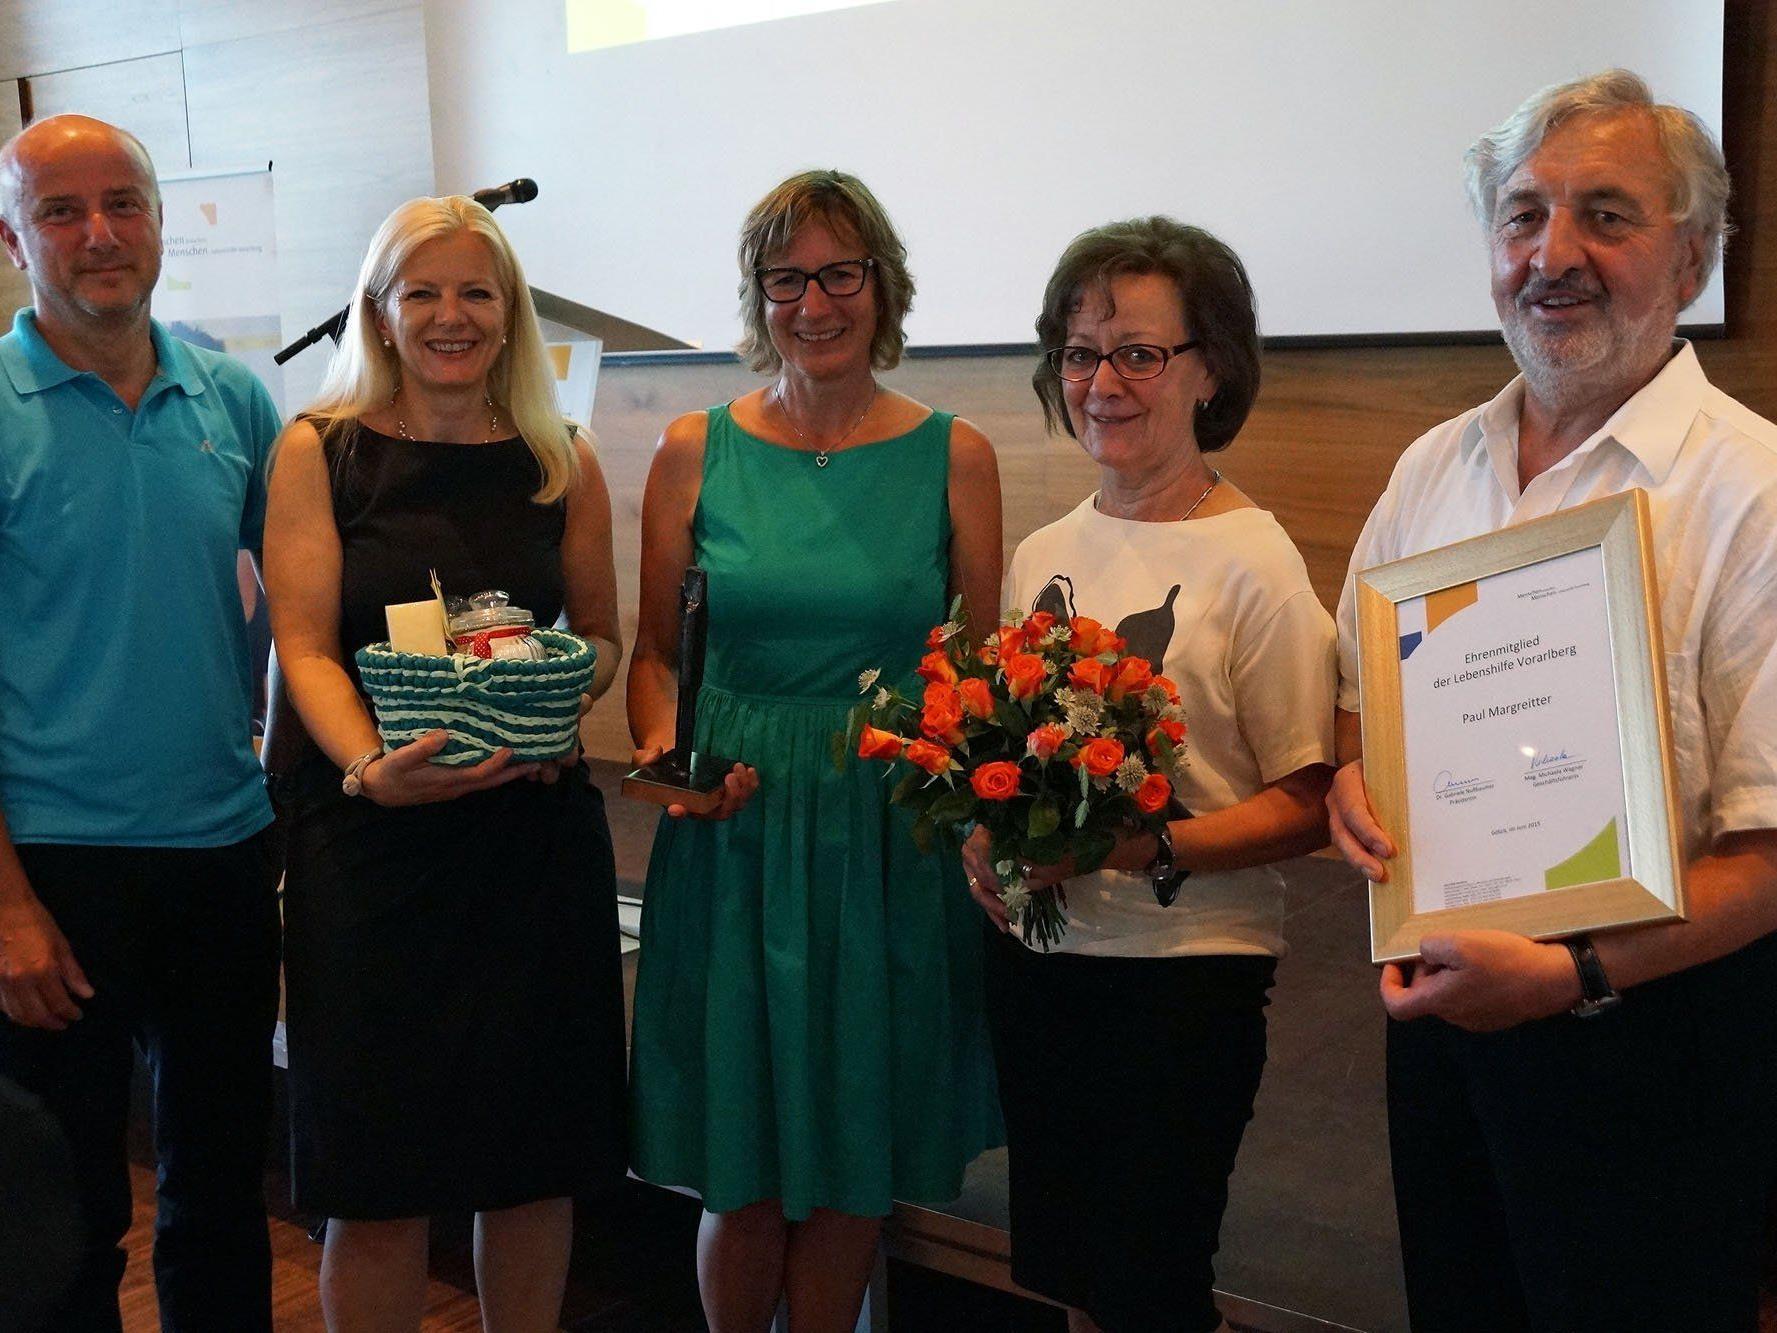 v.li.: Raimund Frick, Michaela Wagner, Gabriele Nußbaumer sowie Herma und Paul Margreitter, der die Ehrenmitgliedschaft der Lebenshilfe Vorarlberg verliehen bekam.